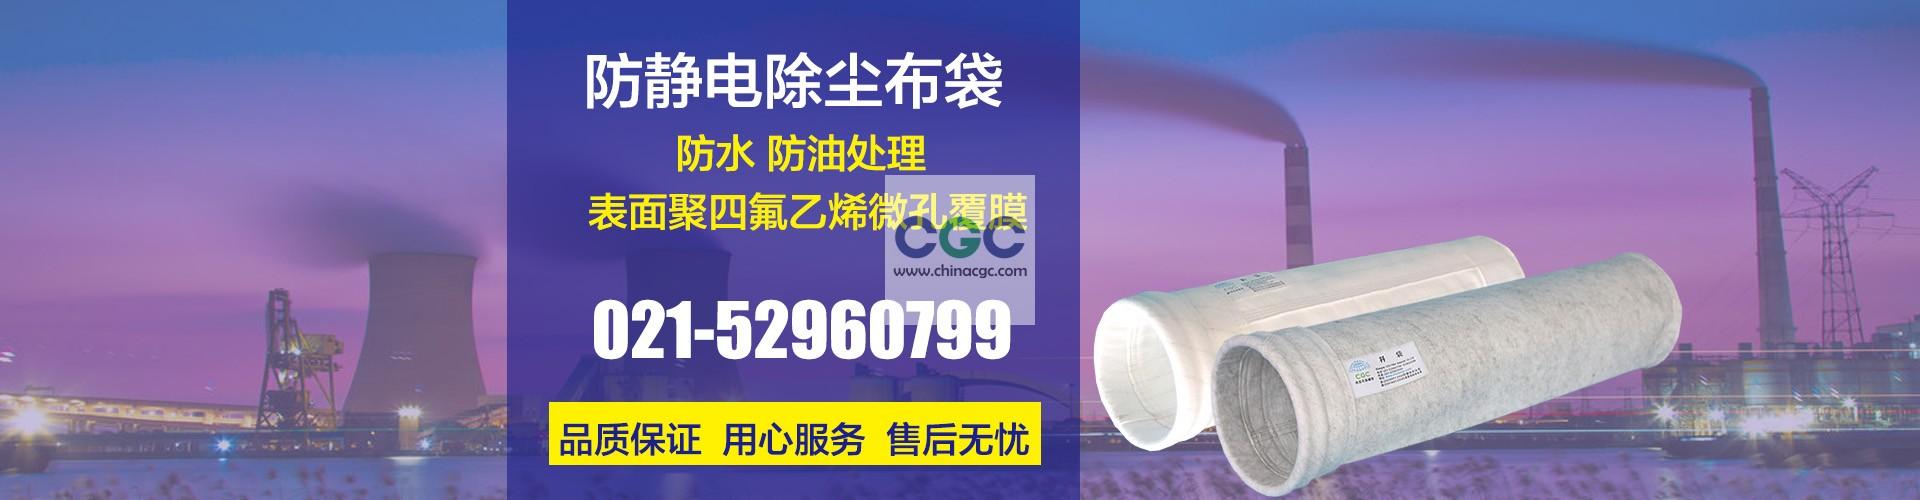 常温涤纶防静电滤袋